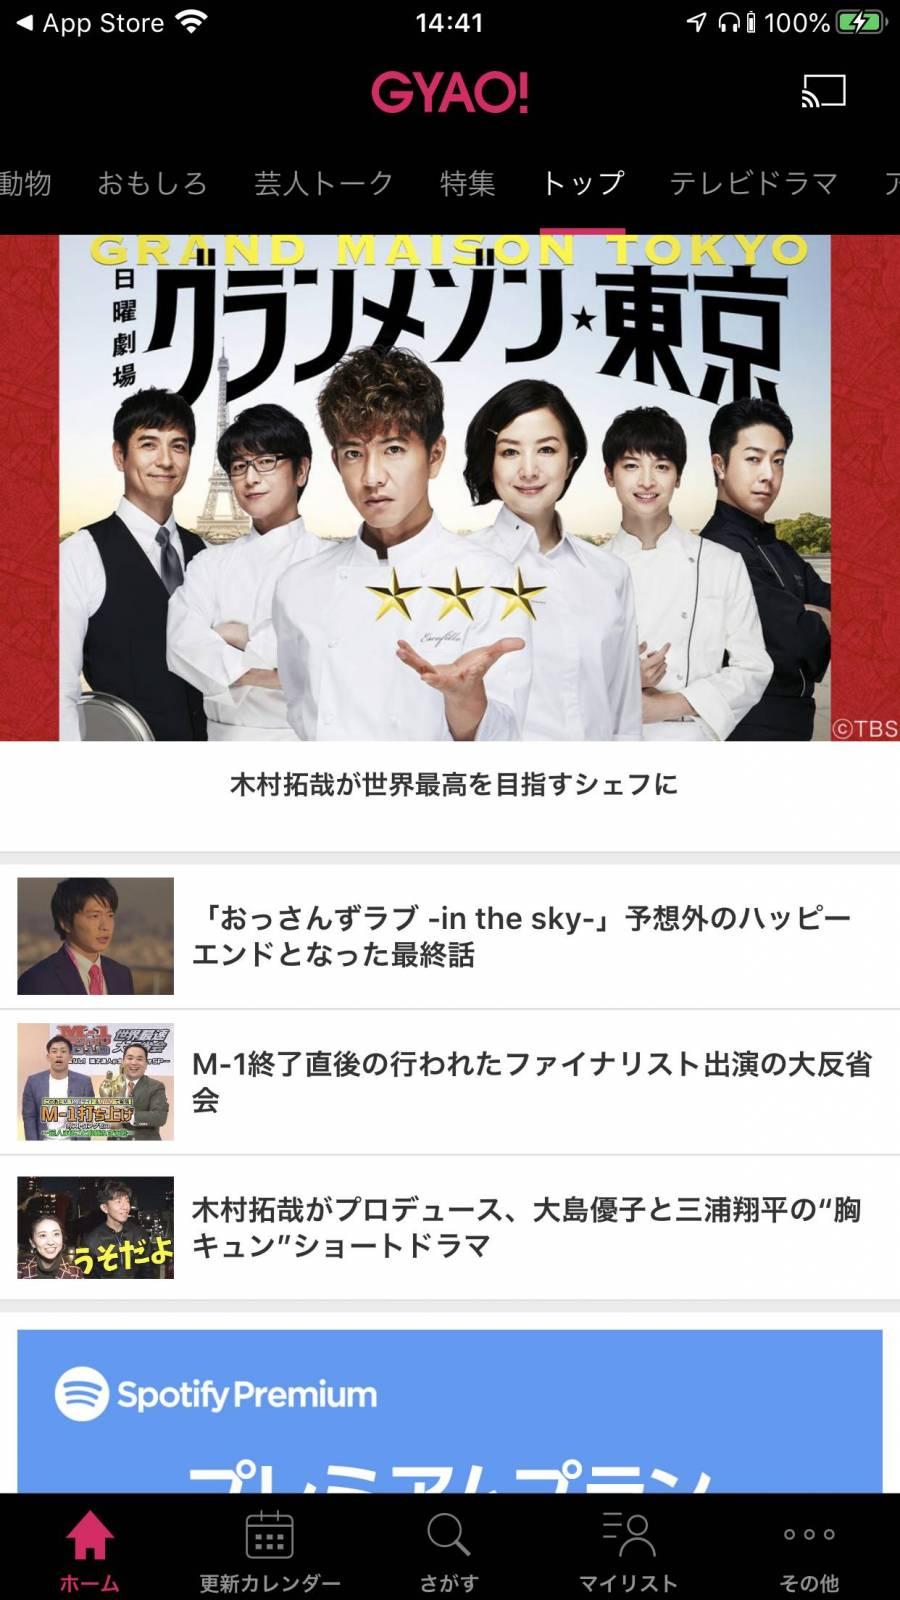 『GYAO!』トップ画面